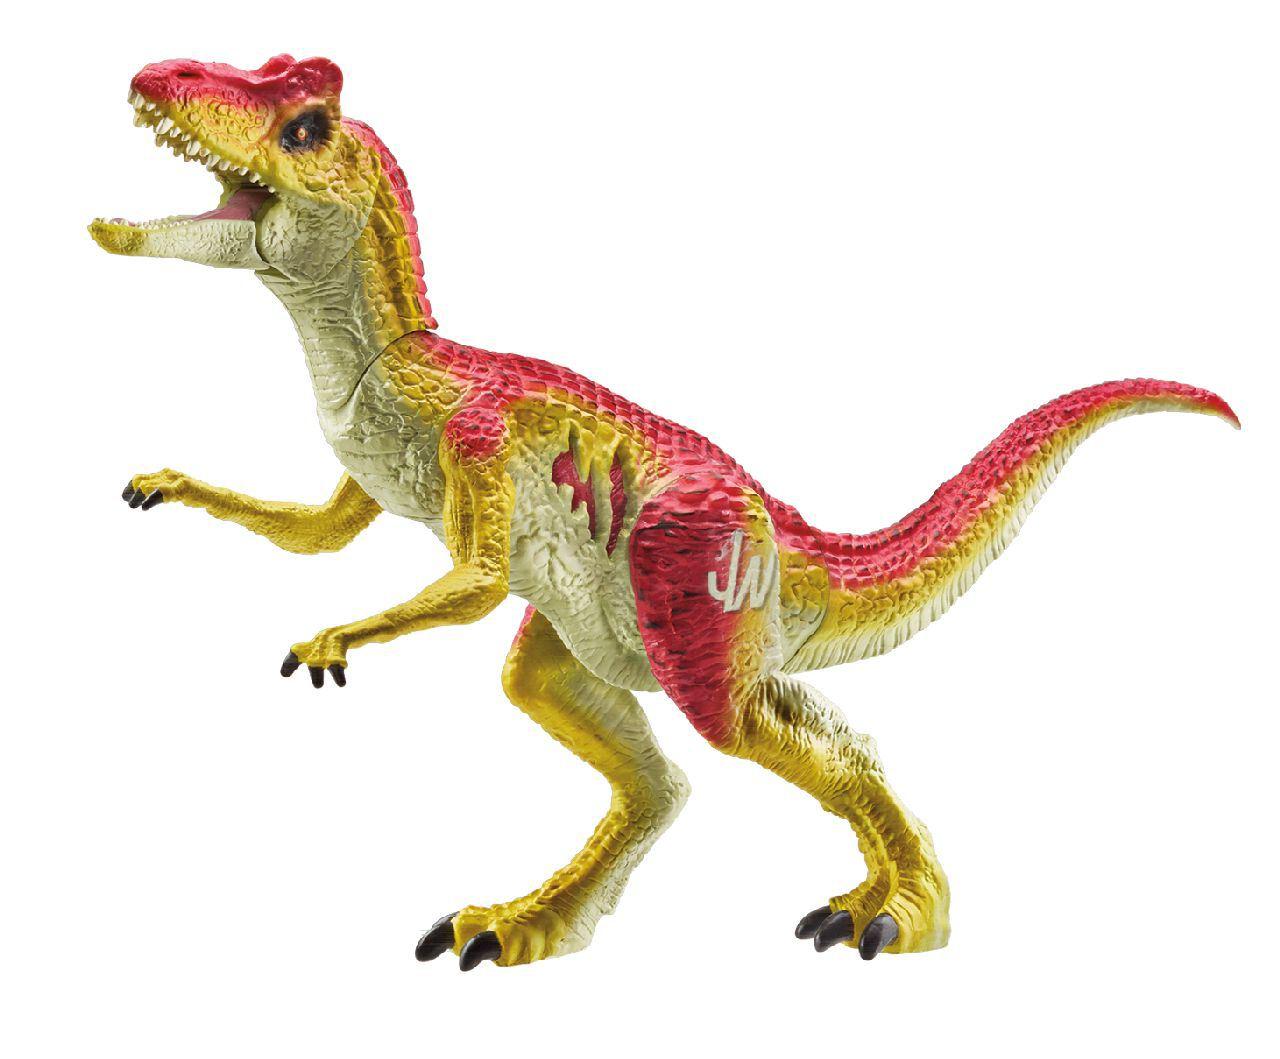 Jurassic World (toy line) | Jurassic Park wiki